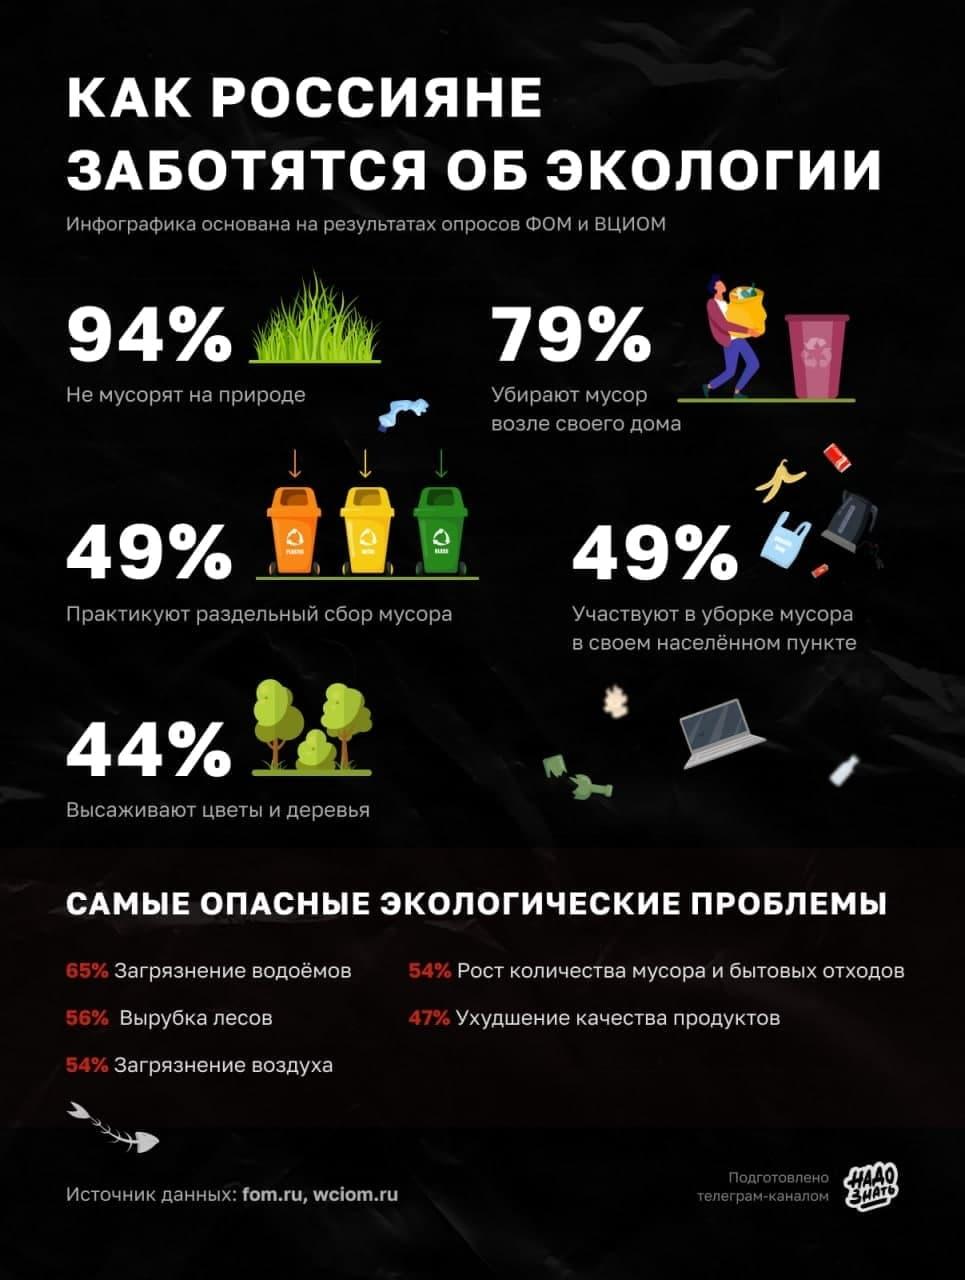 Как россияне заботятся об экологии